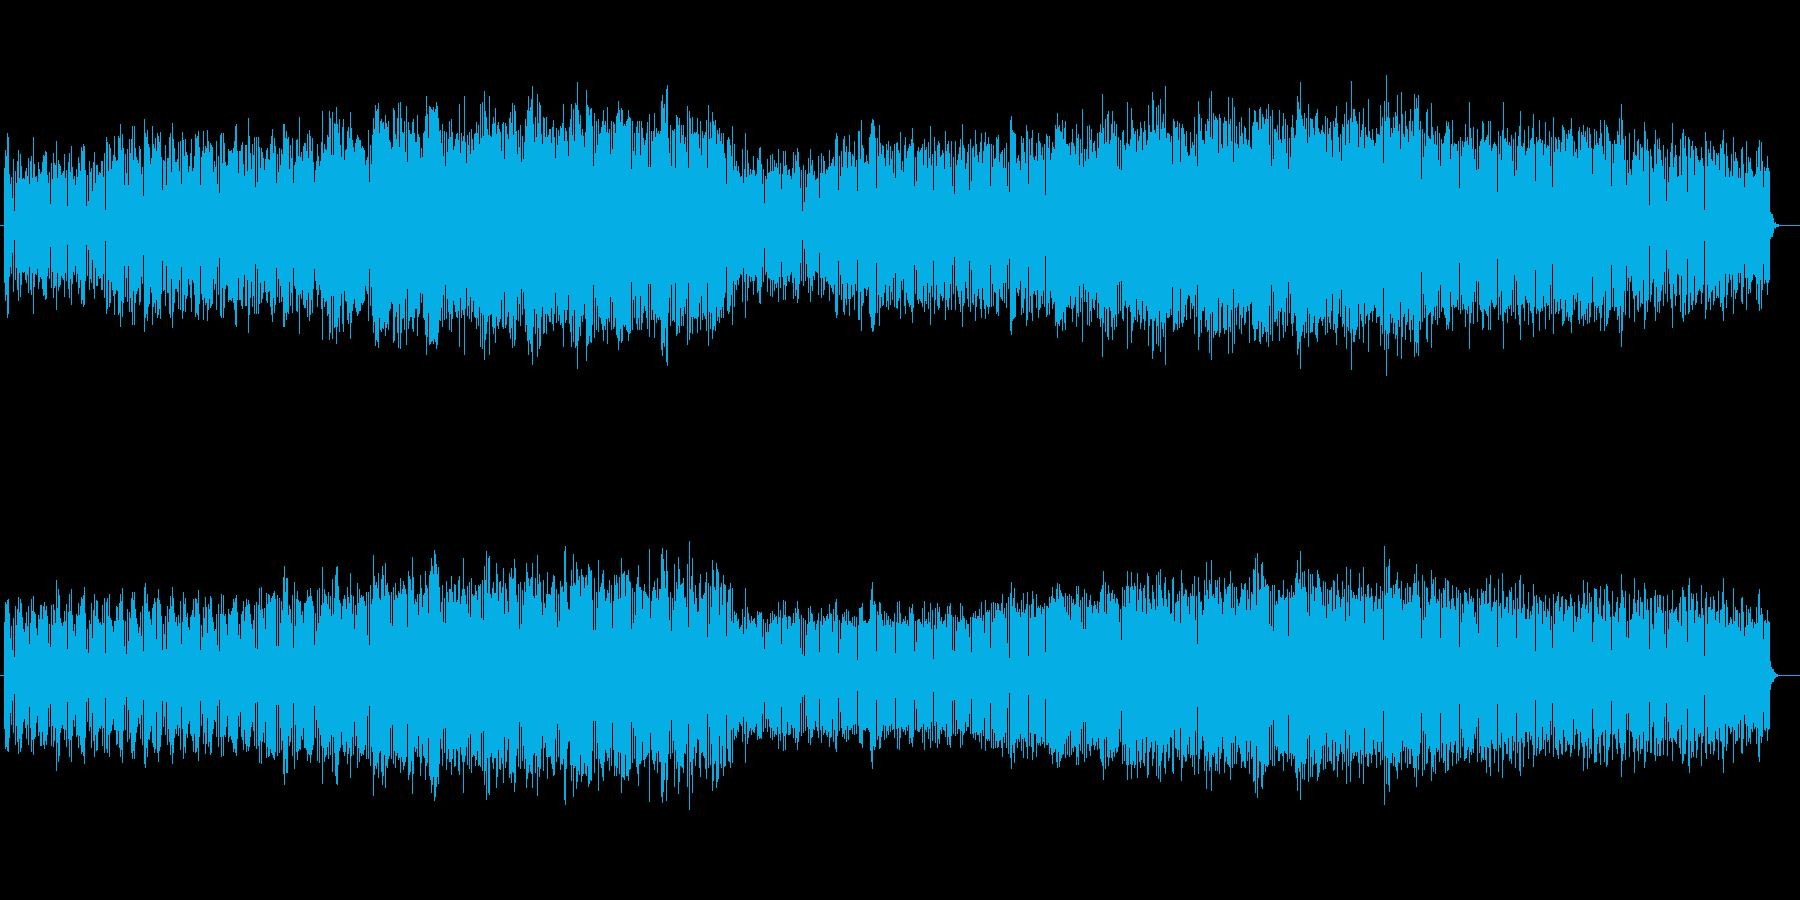 近未来シンセサイザーテクノ風サウンドの再生済みの波形